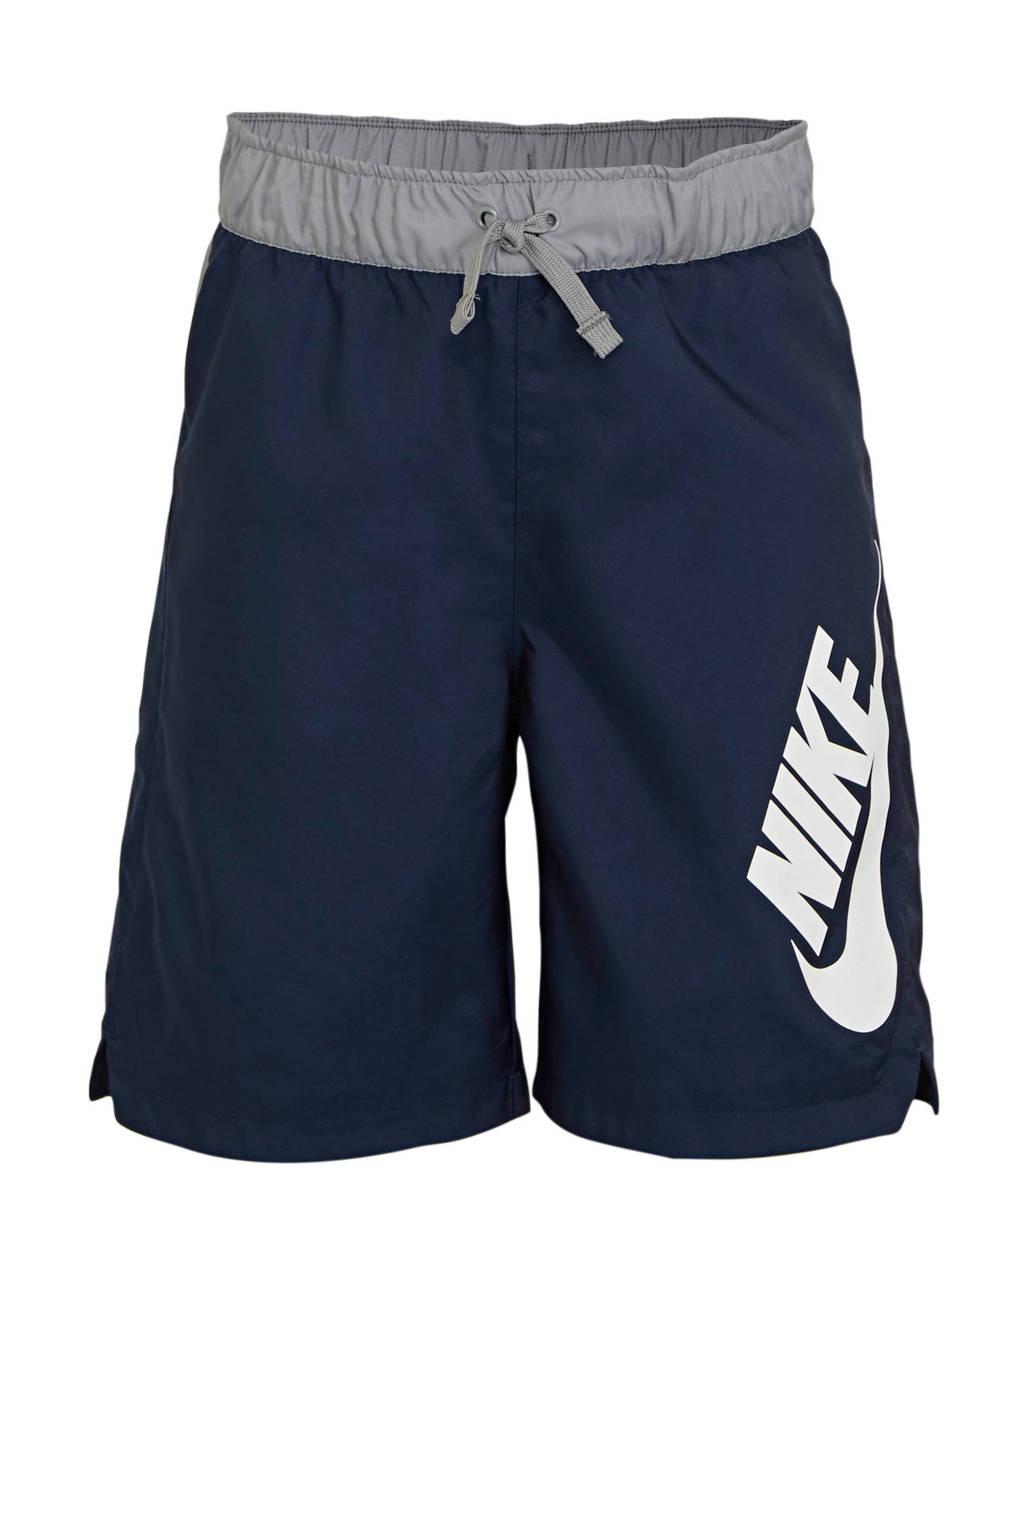 Nike   short donkerblauw, Donkerblauw